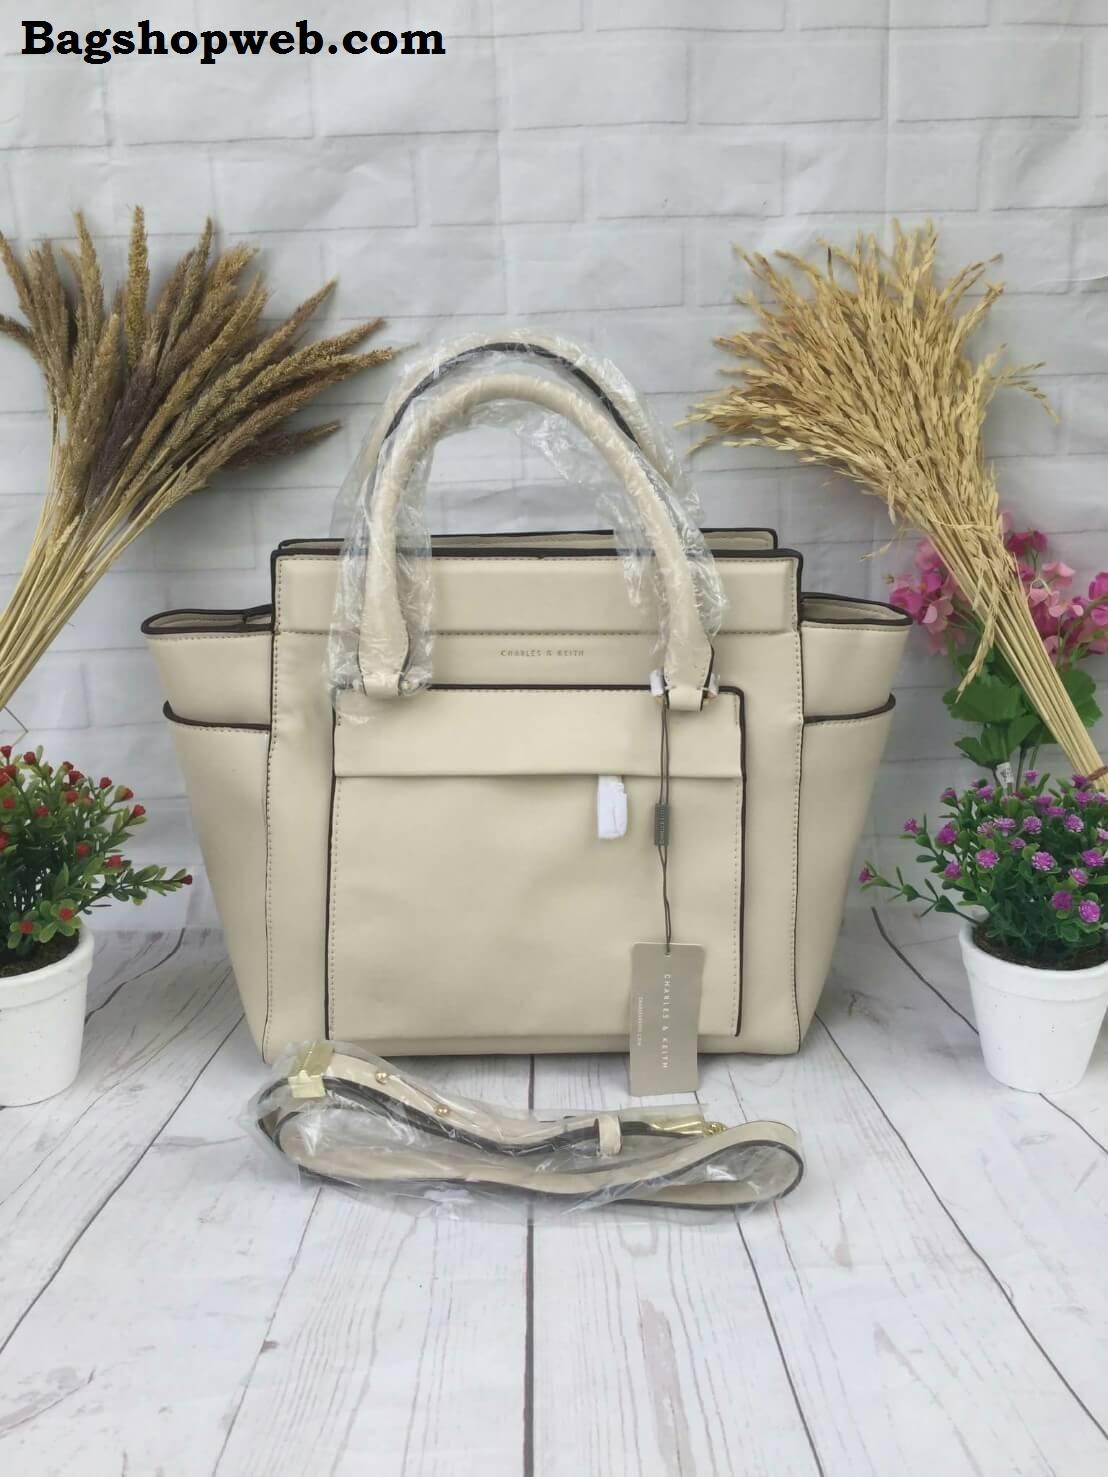 กระเป๋า Charles & Keith Work Handbag ราคาพิเศษ 1,490 บาท Free Ems